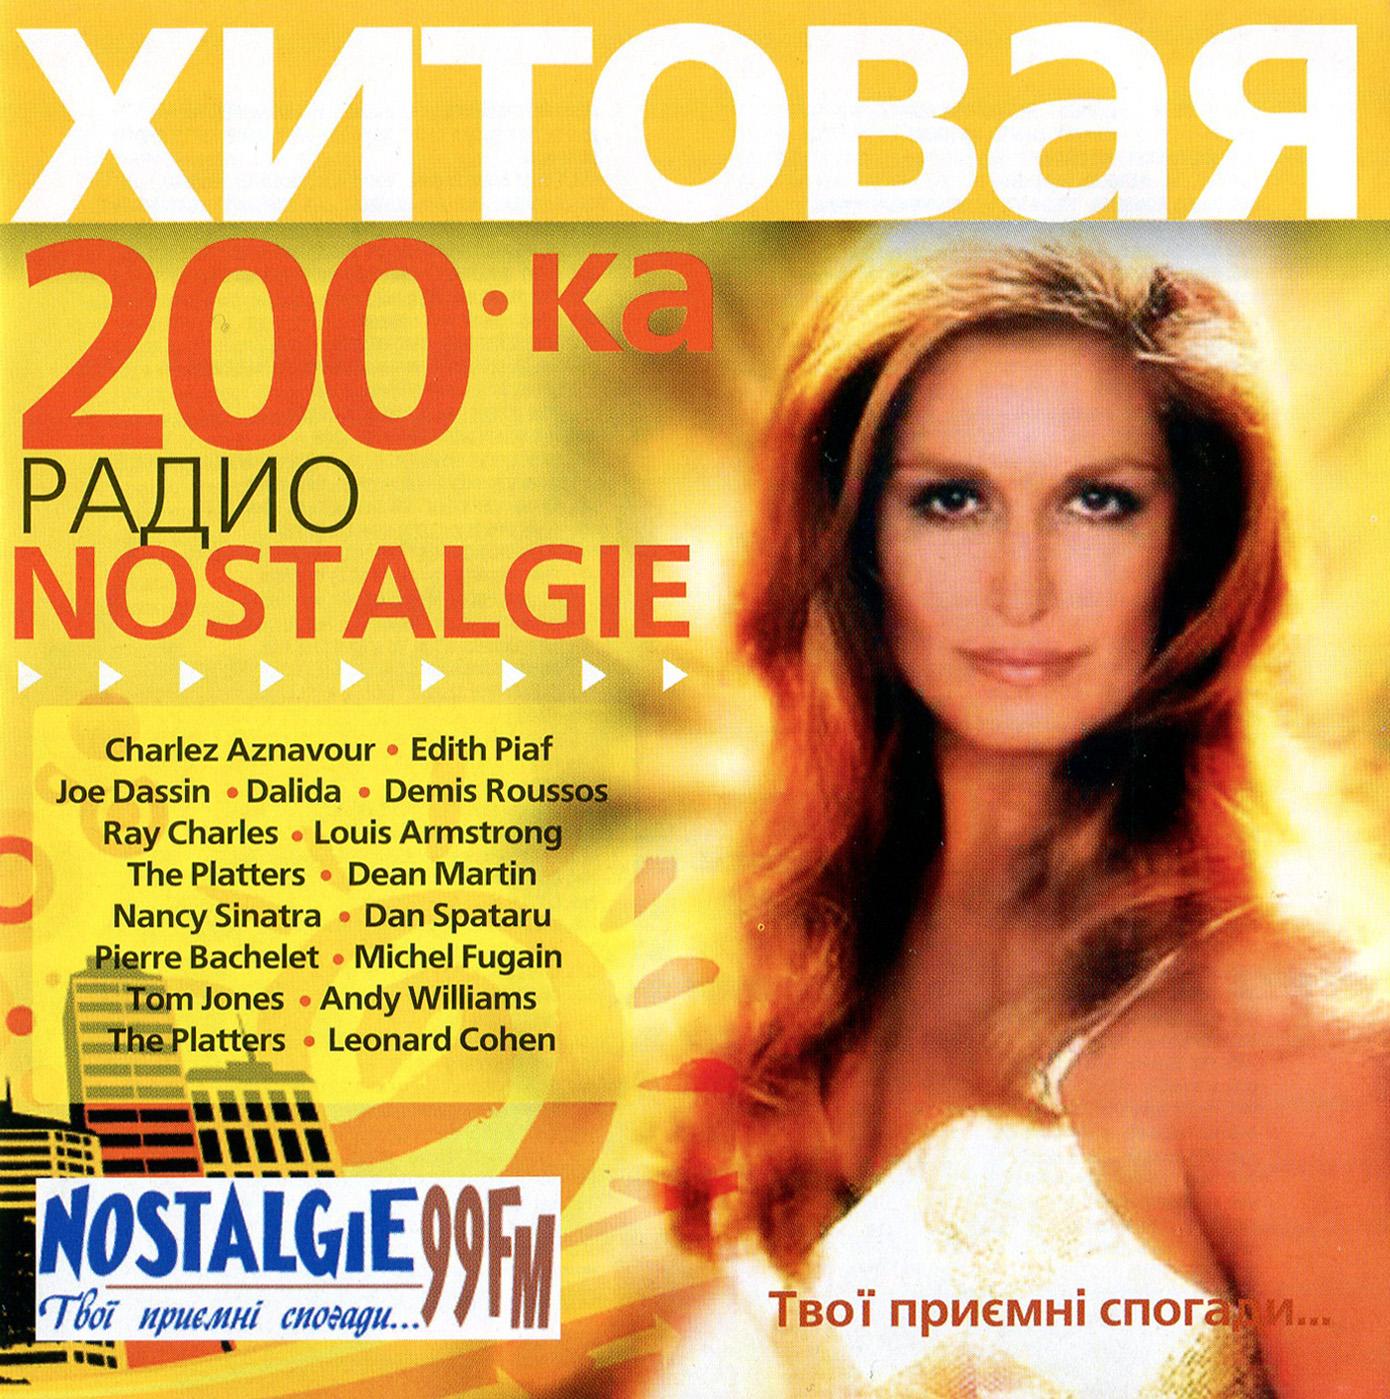 Хитовая 200ка радио Nostalgie [mp3]